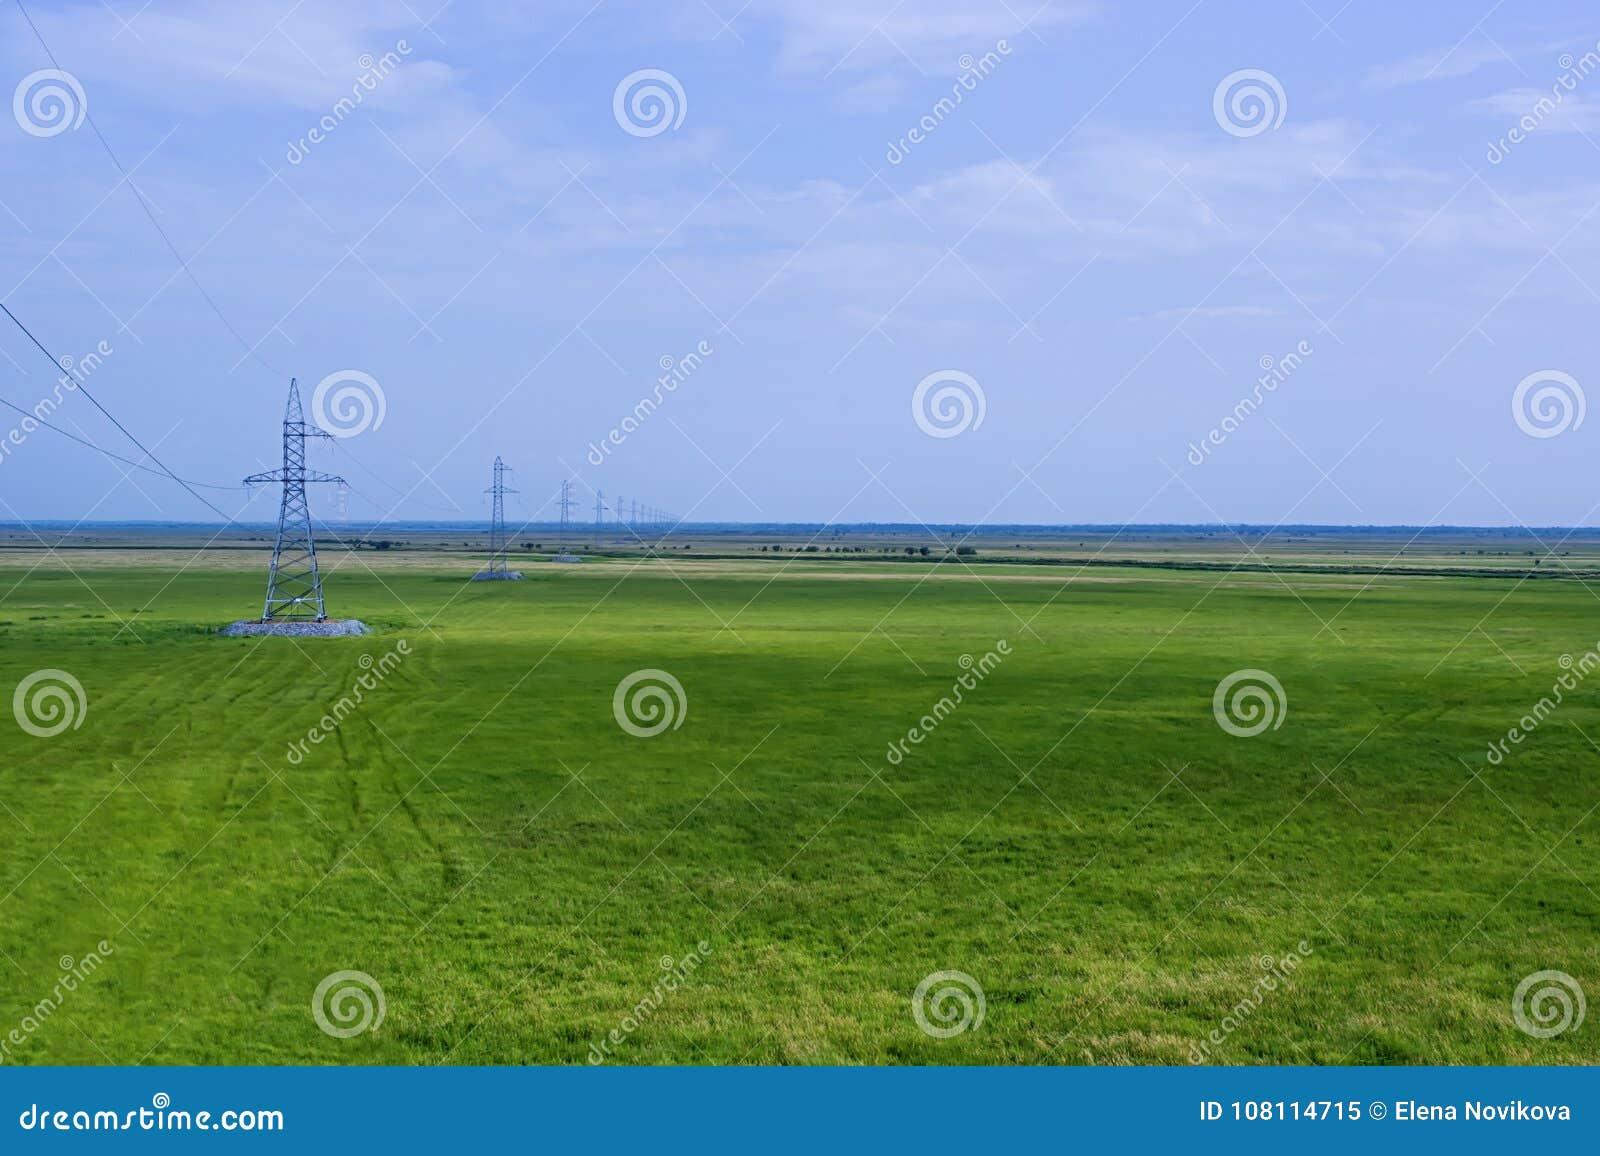 Overhead power line on the plain.